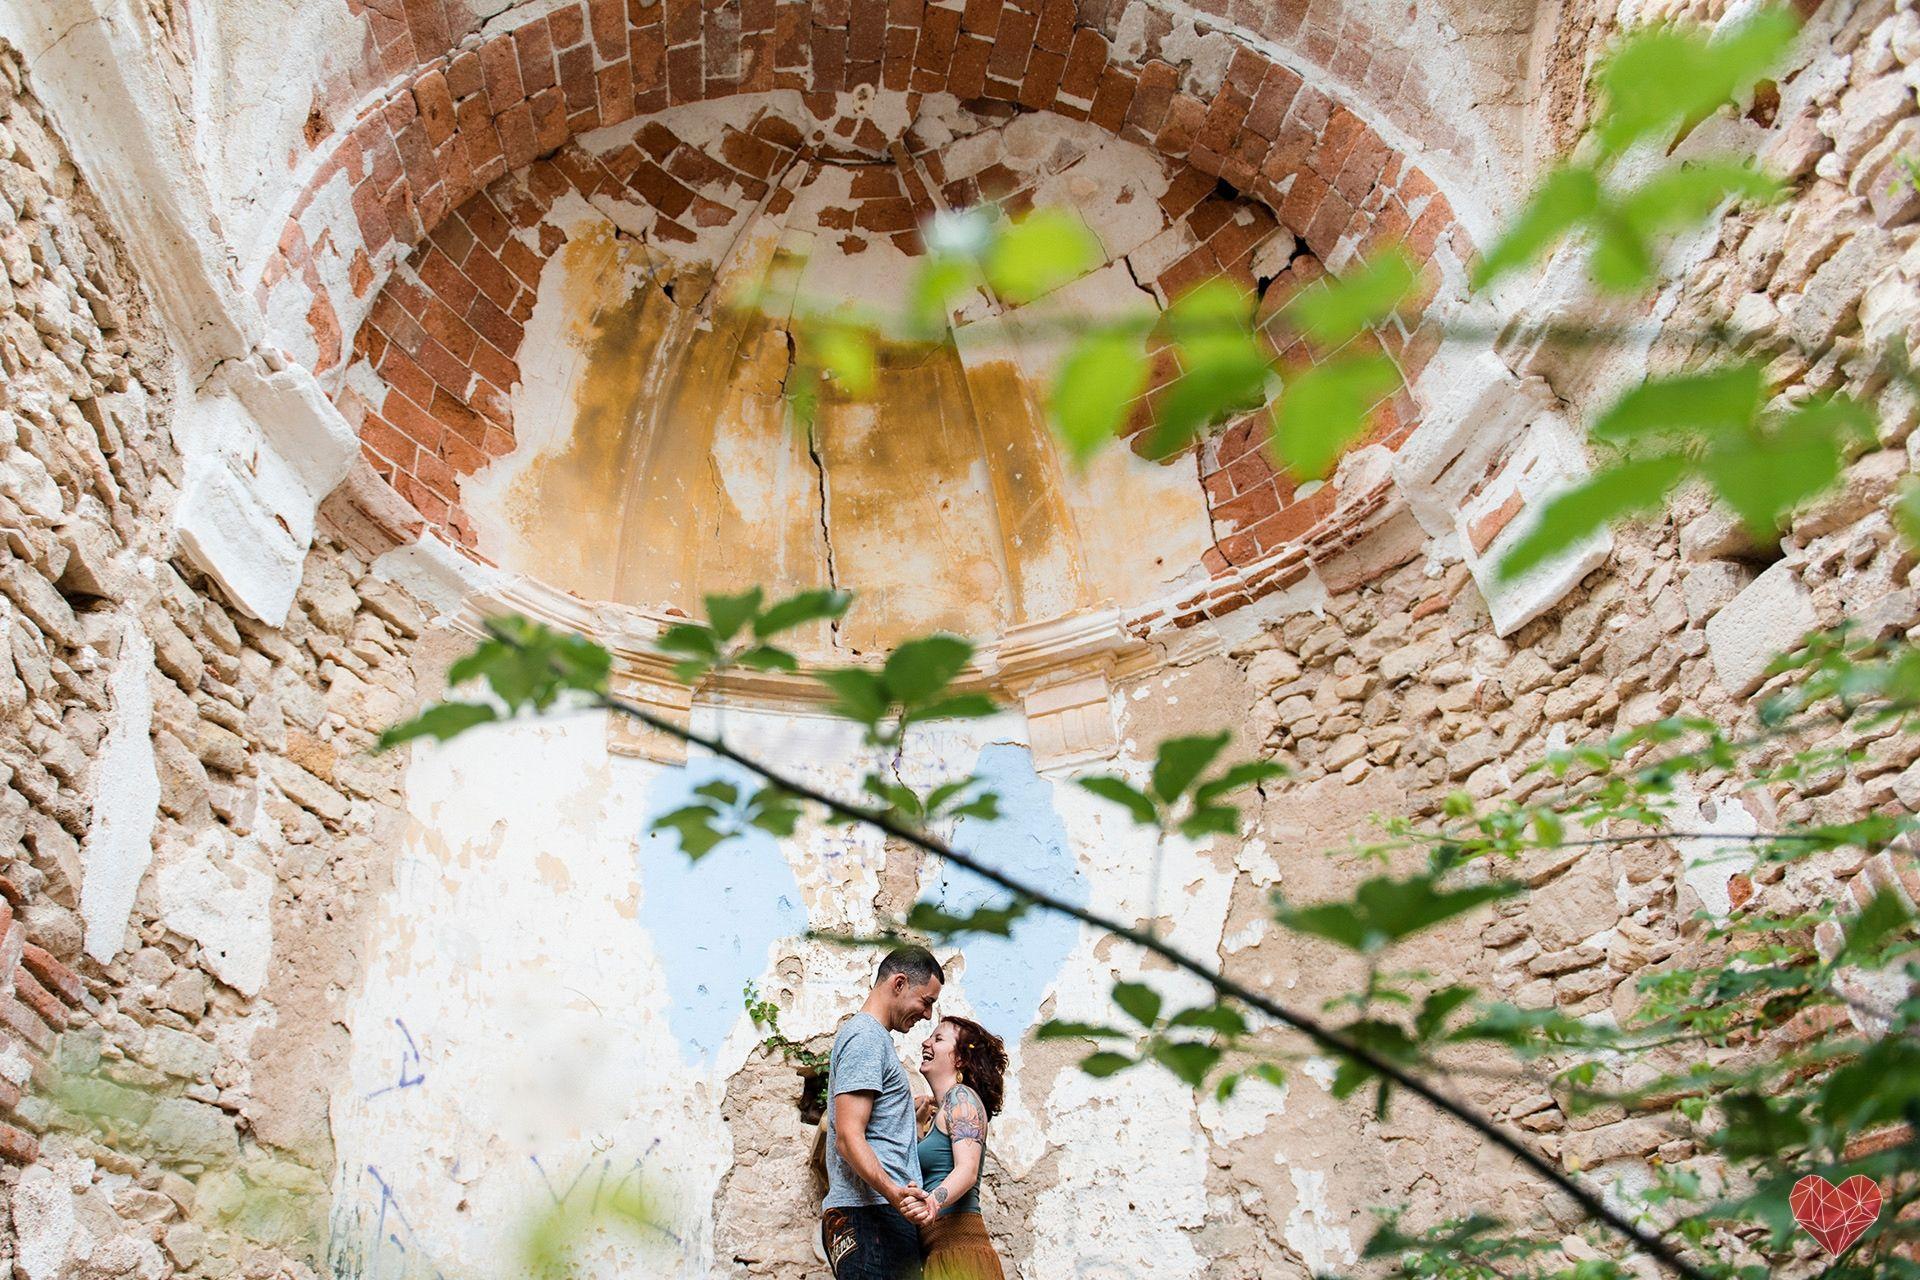 Fotògrafs de casaments